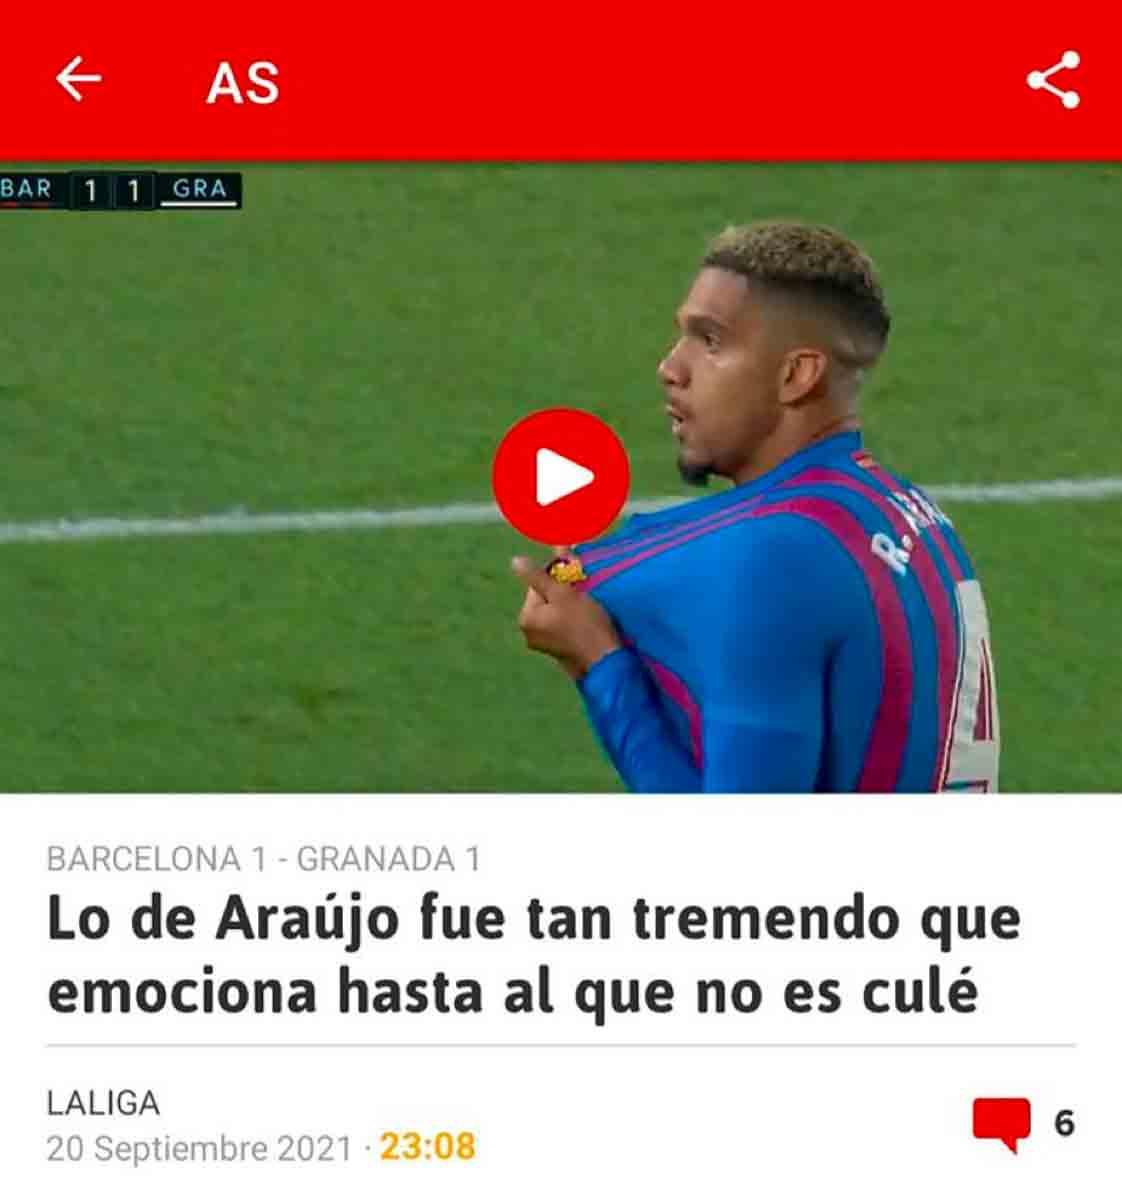 As Araújo